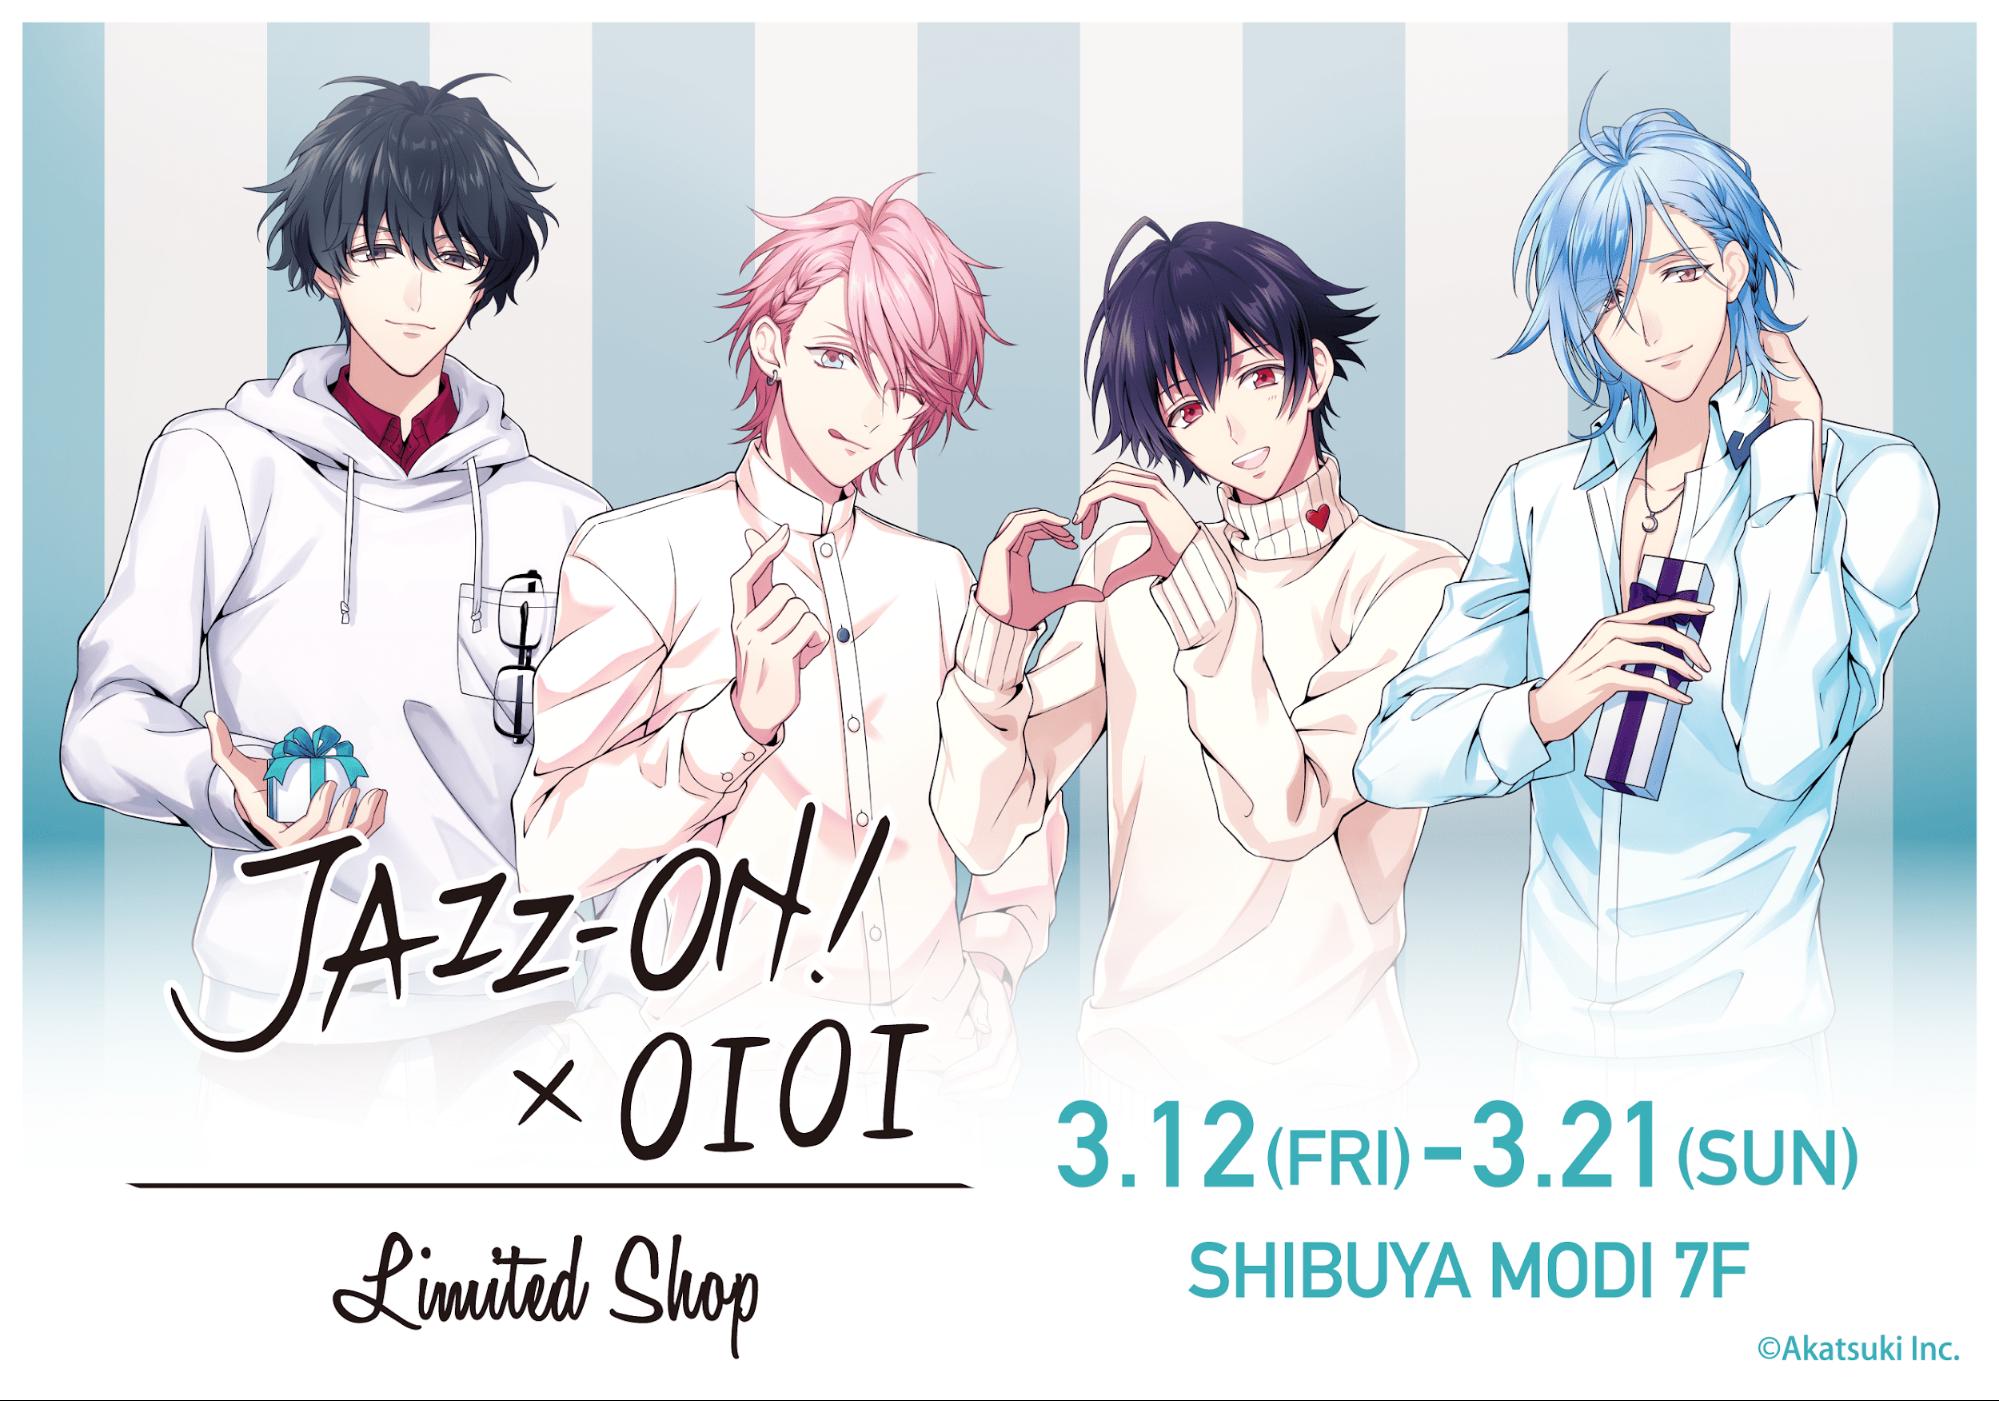 「JAZZ-ON!」期間限定ショップ開催決定!ホワイトデーがテーマの描き下ろし2種公開